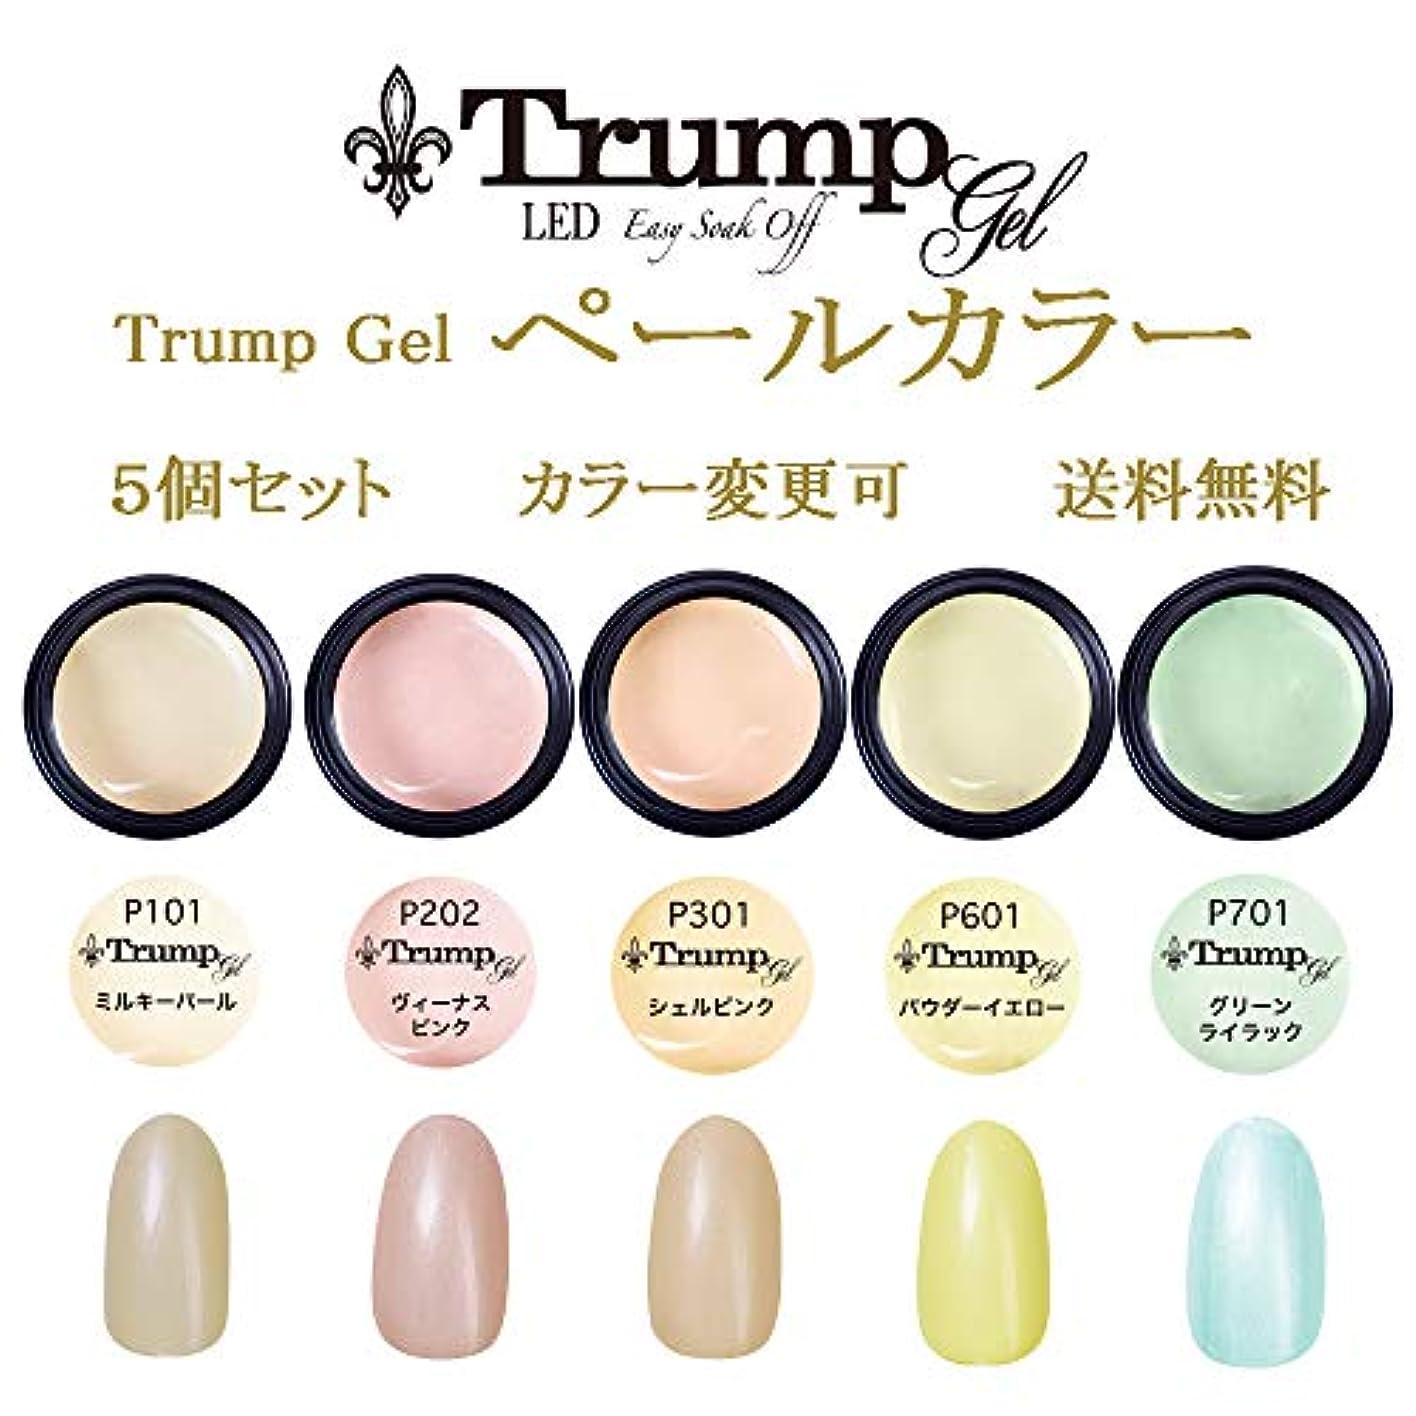 しかしながらクランシーヘビー日本製 Trump gel トランプジェル ペールカラー 選べる カラージェル 5個セット パール イエロー ベージュ ピンク ブルー